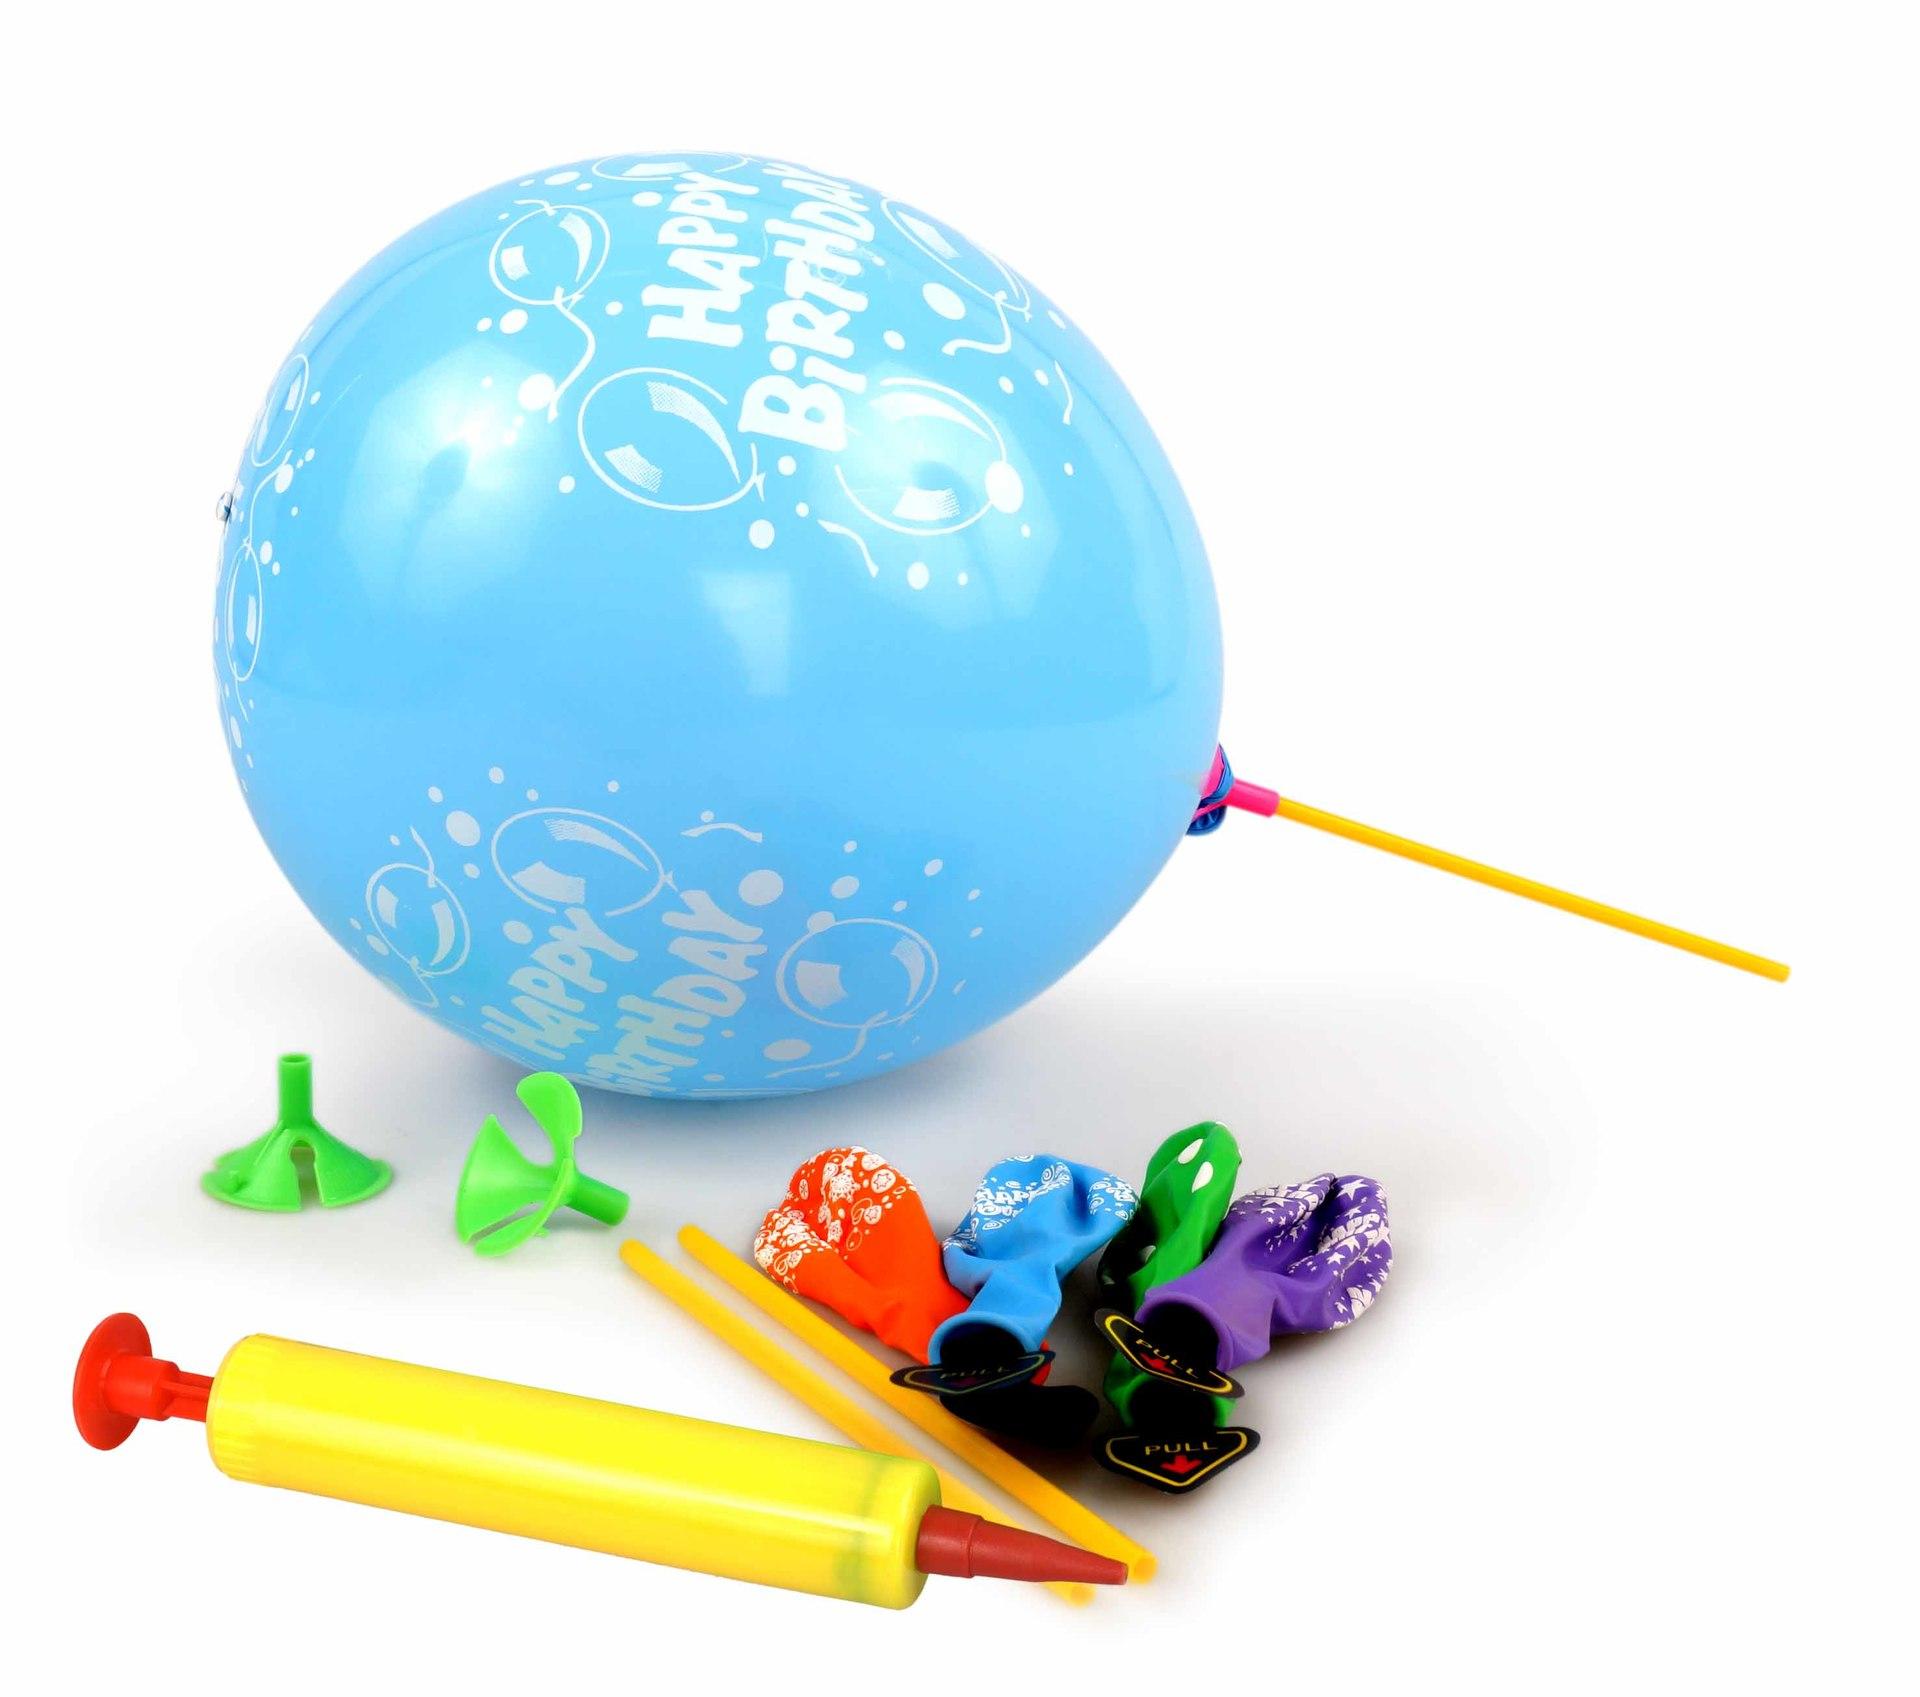 5 ks LED LIGHT balónky nafukovací svítící + PUMPIČKA ZDARMA